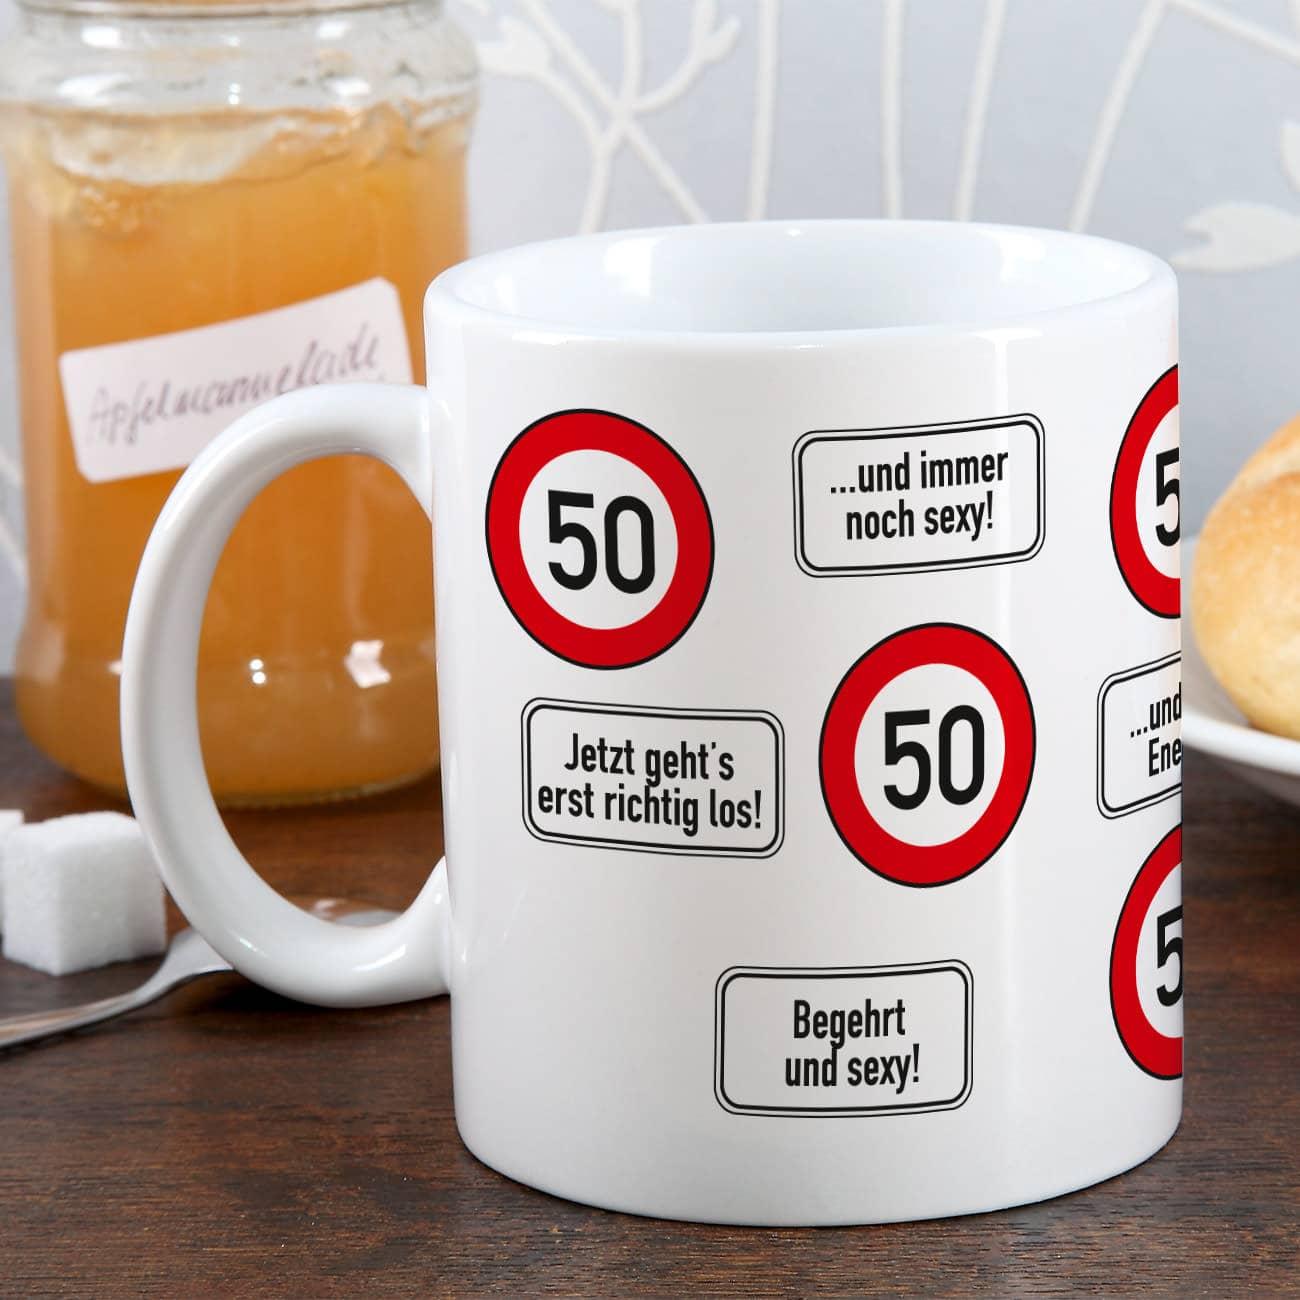 große Kaffeetasse zum 50. Geburtstag mit Verkehrszeichen